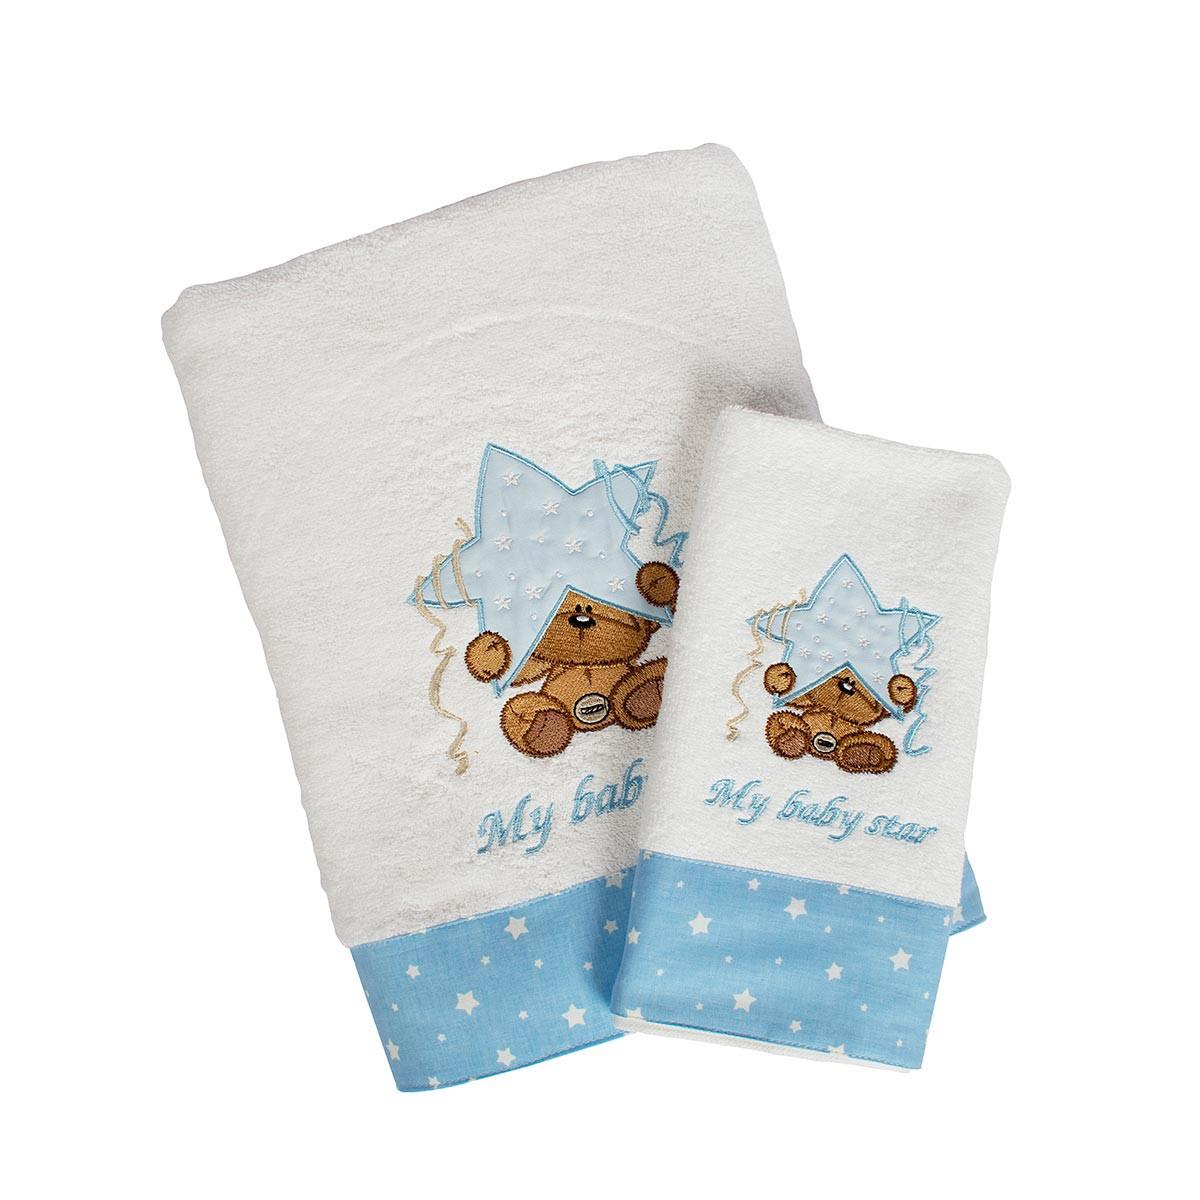 Βρεφικές Πετσέτες (Σετ 2τμχ) Dimcol Αστέρι 127 Λευκό/Σιέλ